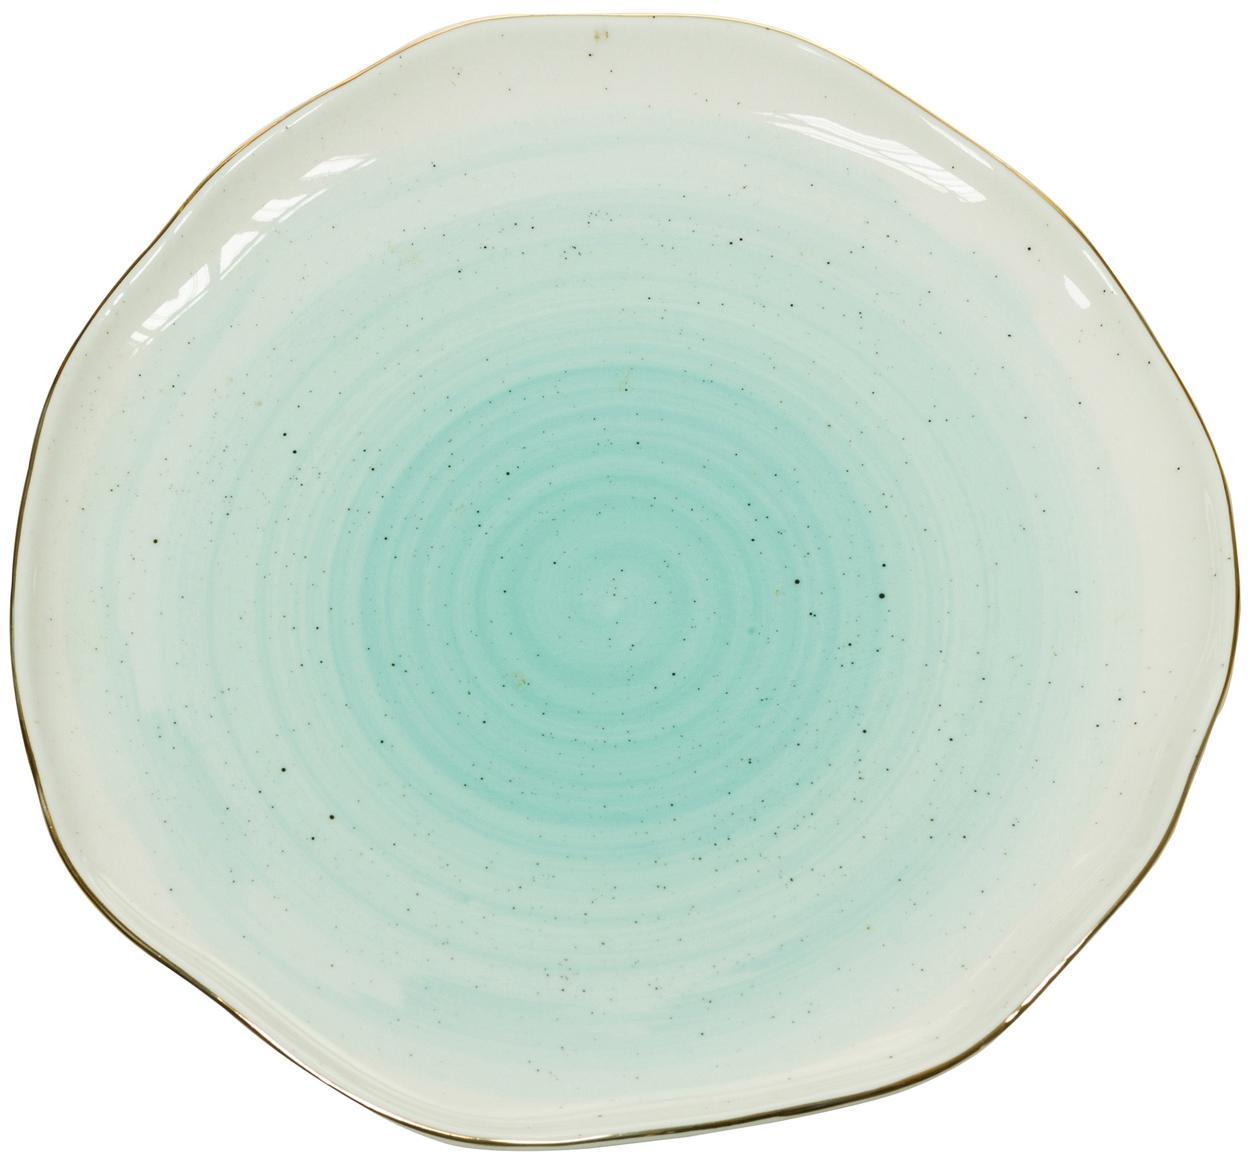 Piattino da dessert fatto a mano Bol 2 pz, Porcellana, Blu turchese, Ø 19 x Alt. 3 cm